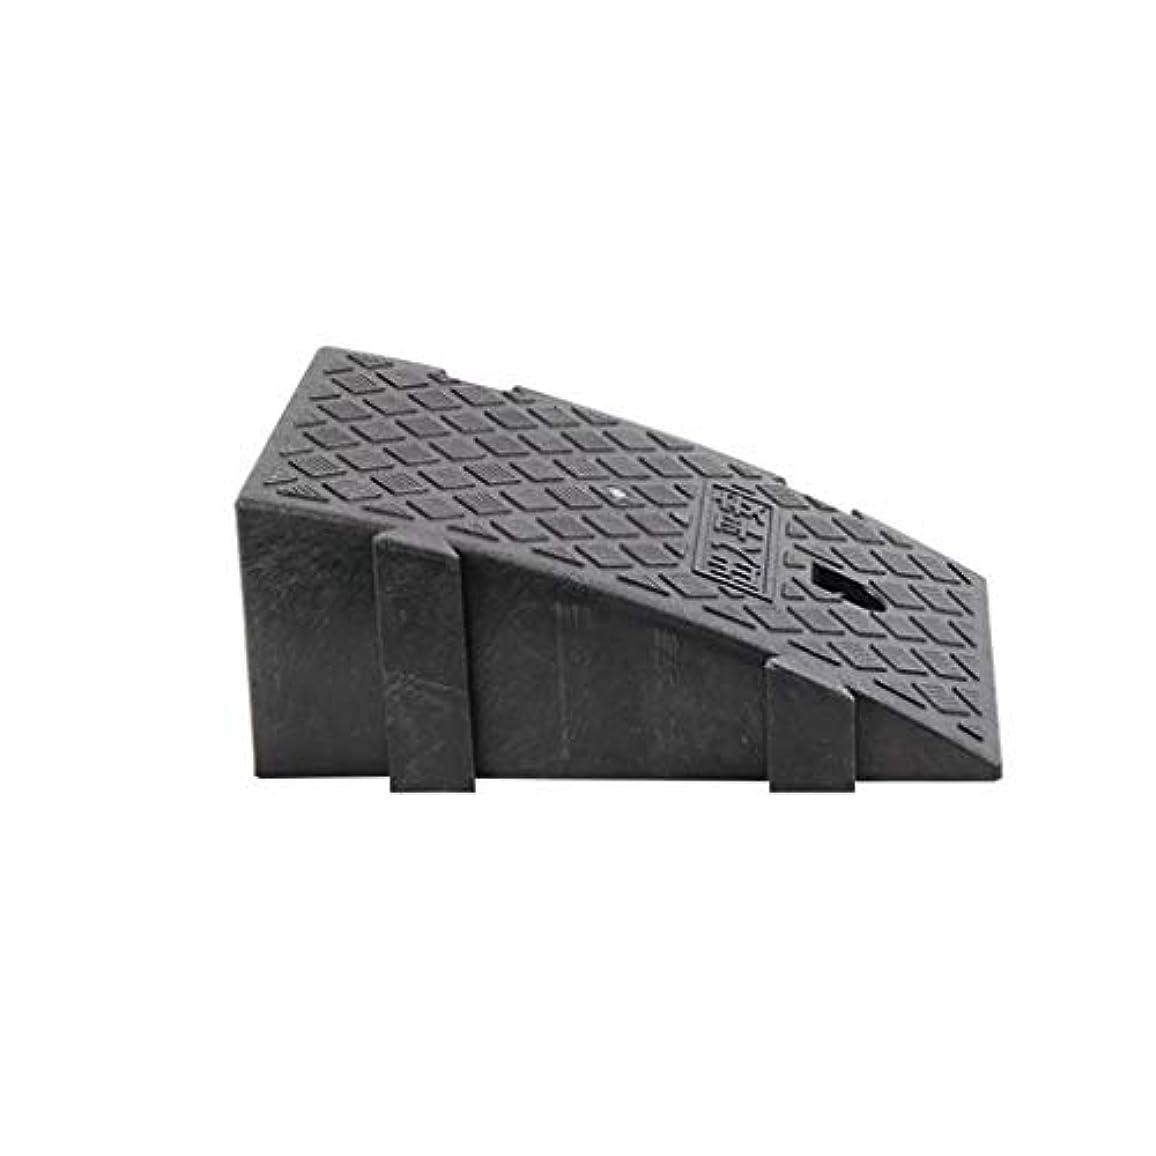 危険を冒します邪魔イソギンチャクXUZgag ポータブルスロープパッド、車用傾斜路ポータブル小型トライアングルパッド上りパッドステップ階段車椅子上りパッド滑り止めマット ノンスリップ (Color : Black, Size : 24.5*43.5*18.5CM)